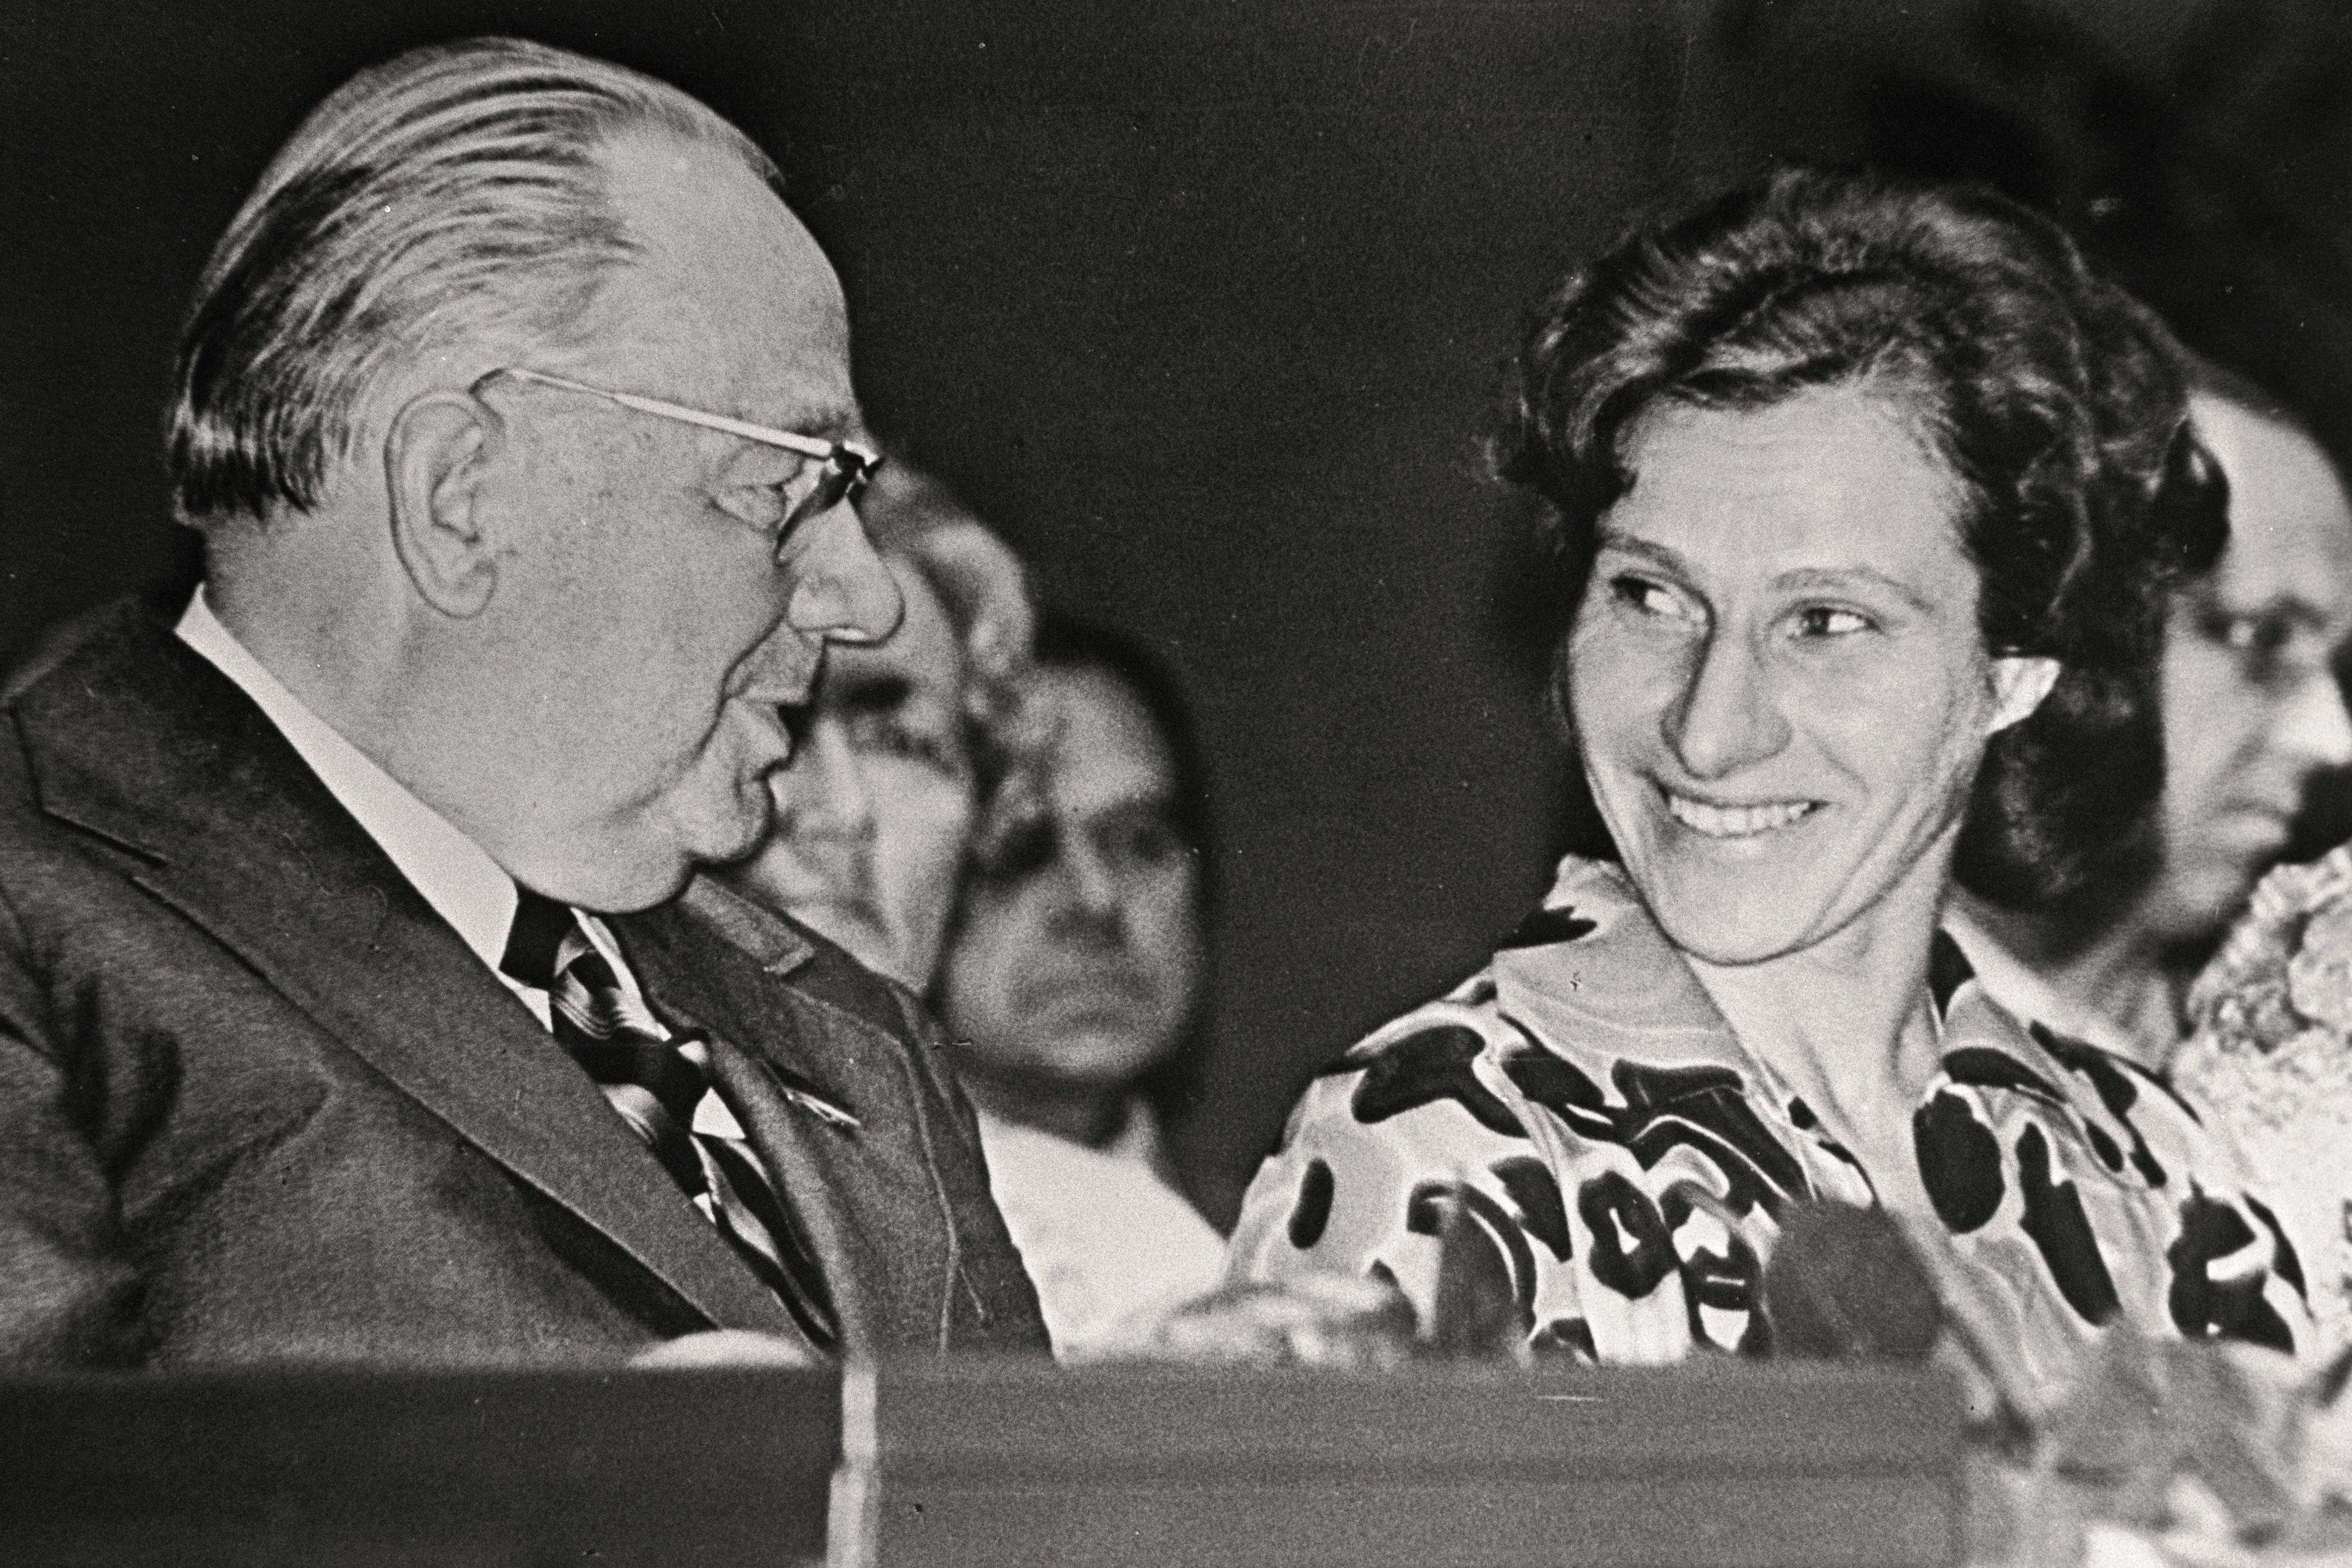 EFA.204.0-101934 Johannes Käbin ja Leida Peips 2. juulil 1975 Viljandi näidissovhoosile Tööpunalipu ordeni andmisel viisaastaku plaanide ennetähtaegse täitmise eest.